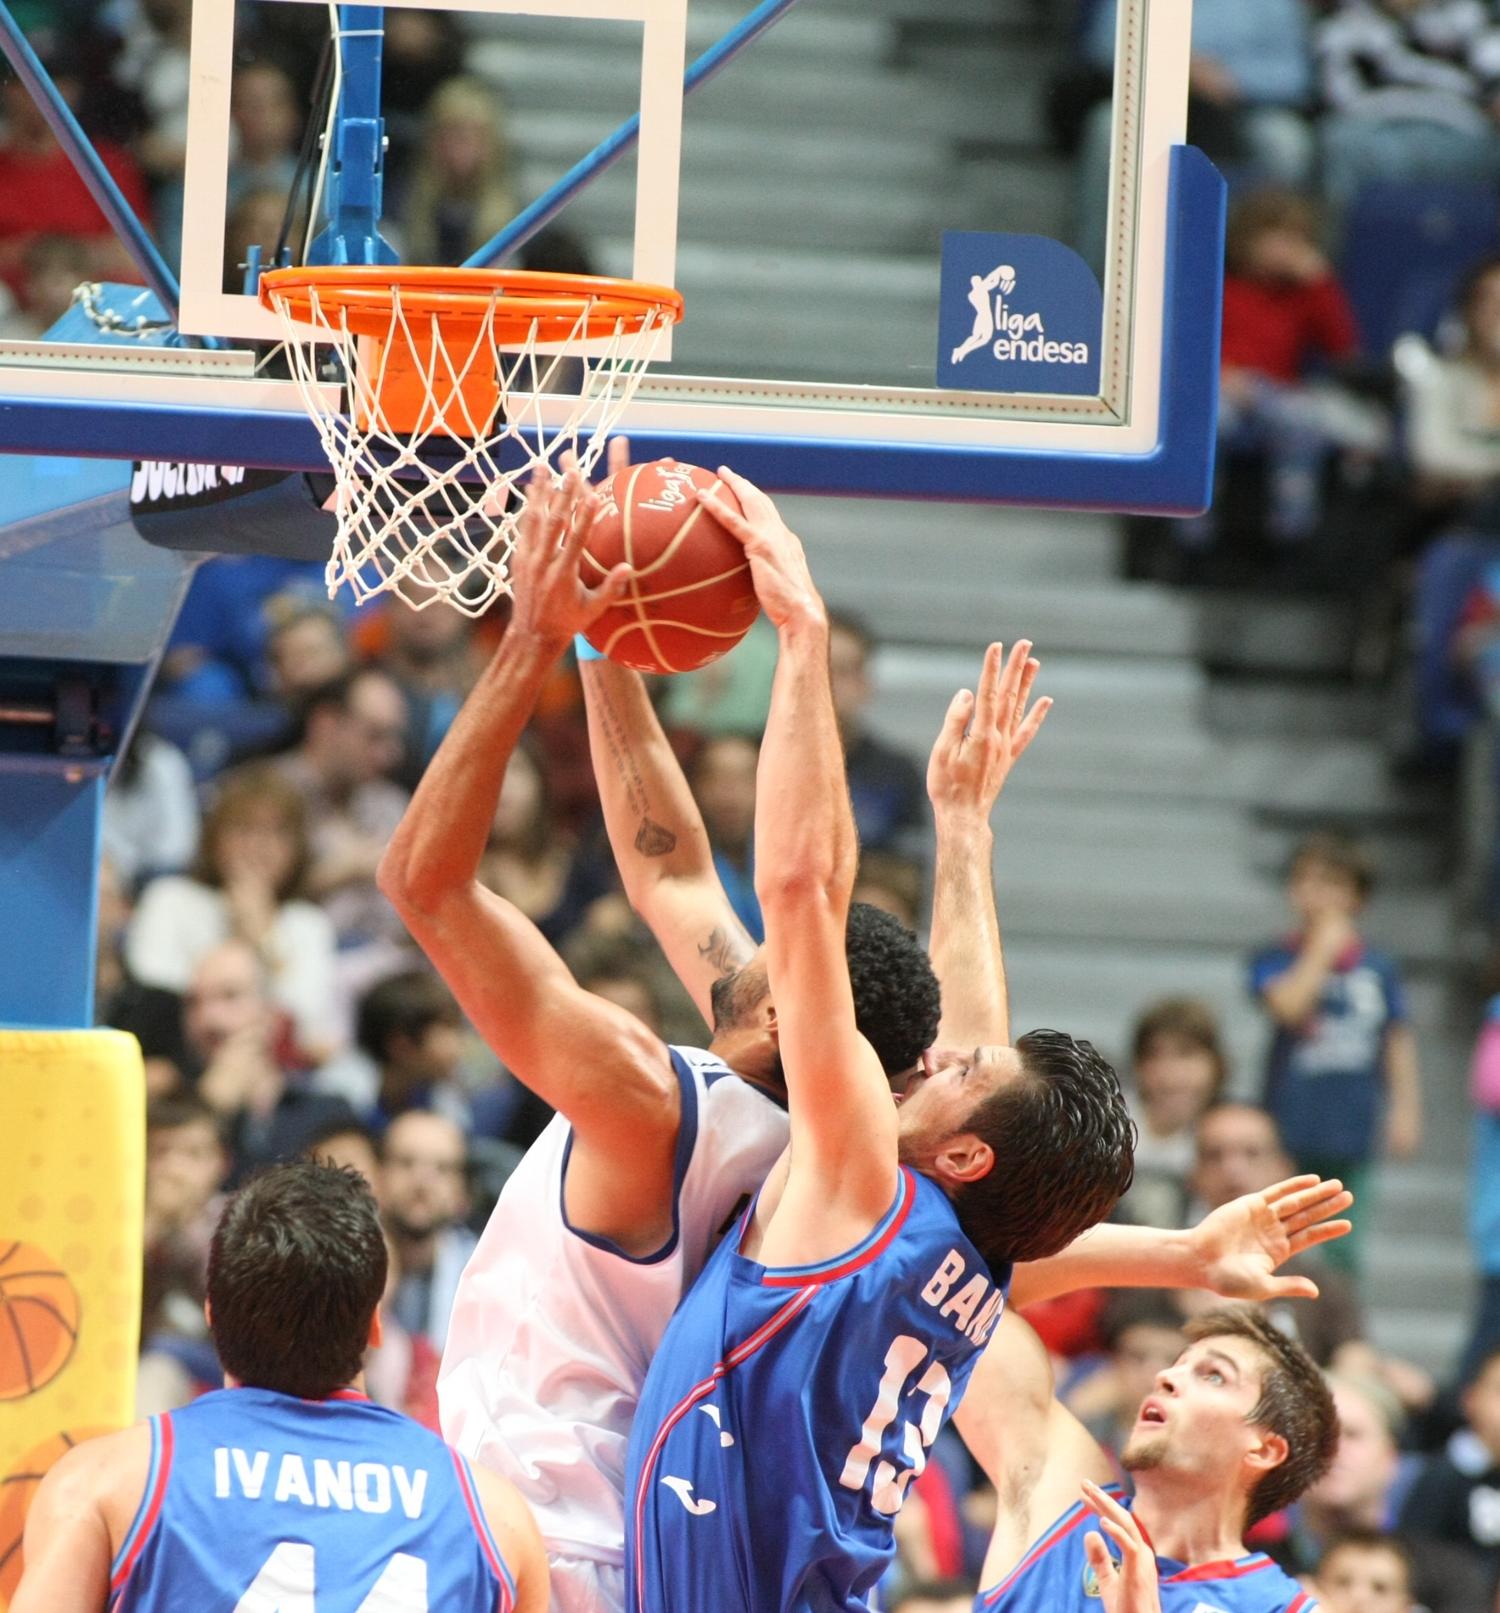 MARCO BANIC en viva basquet